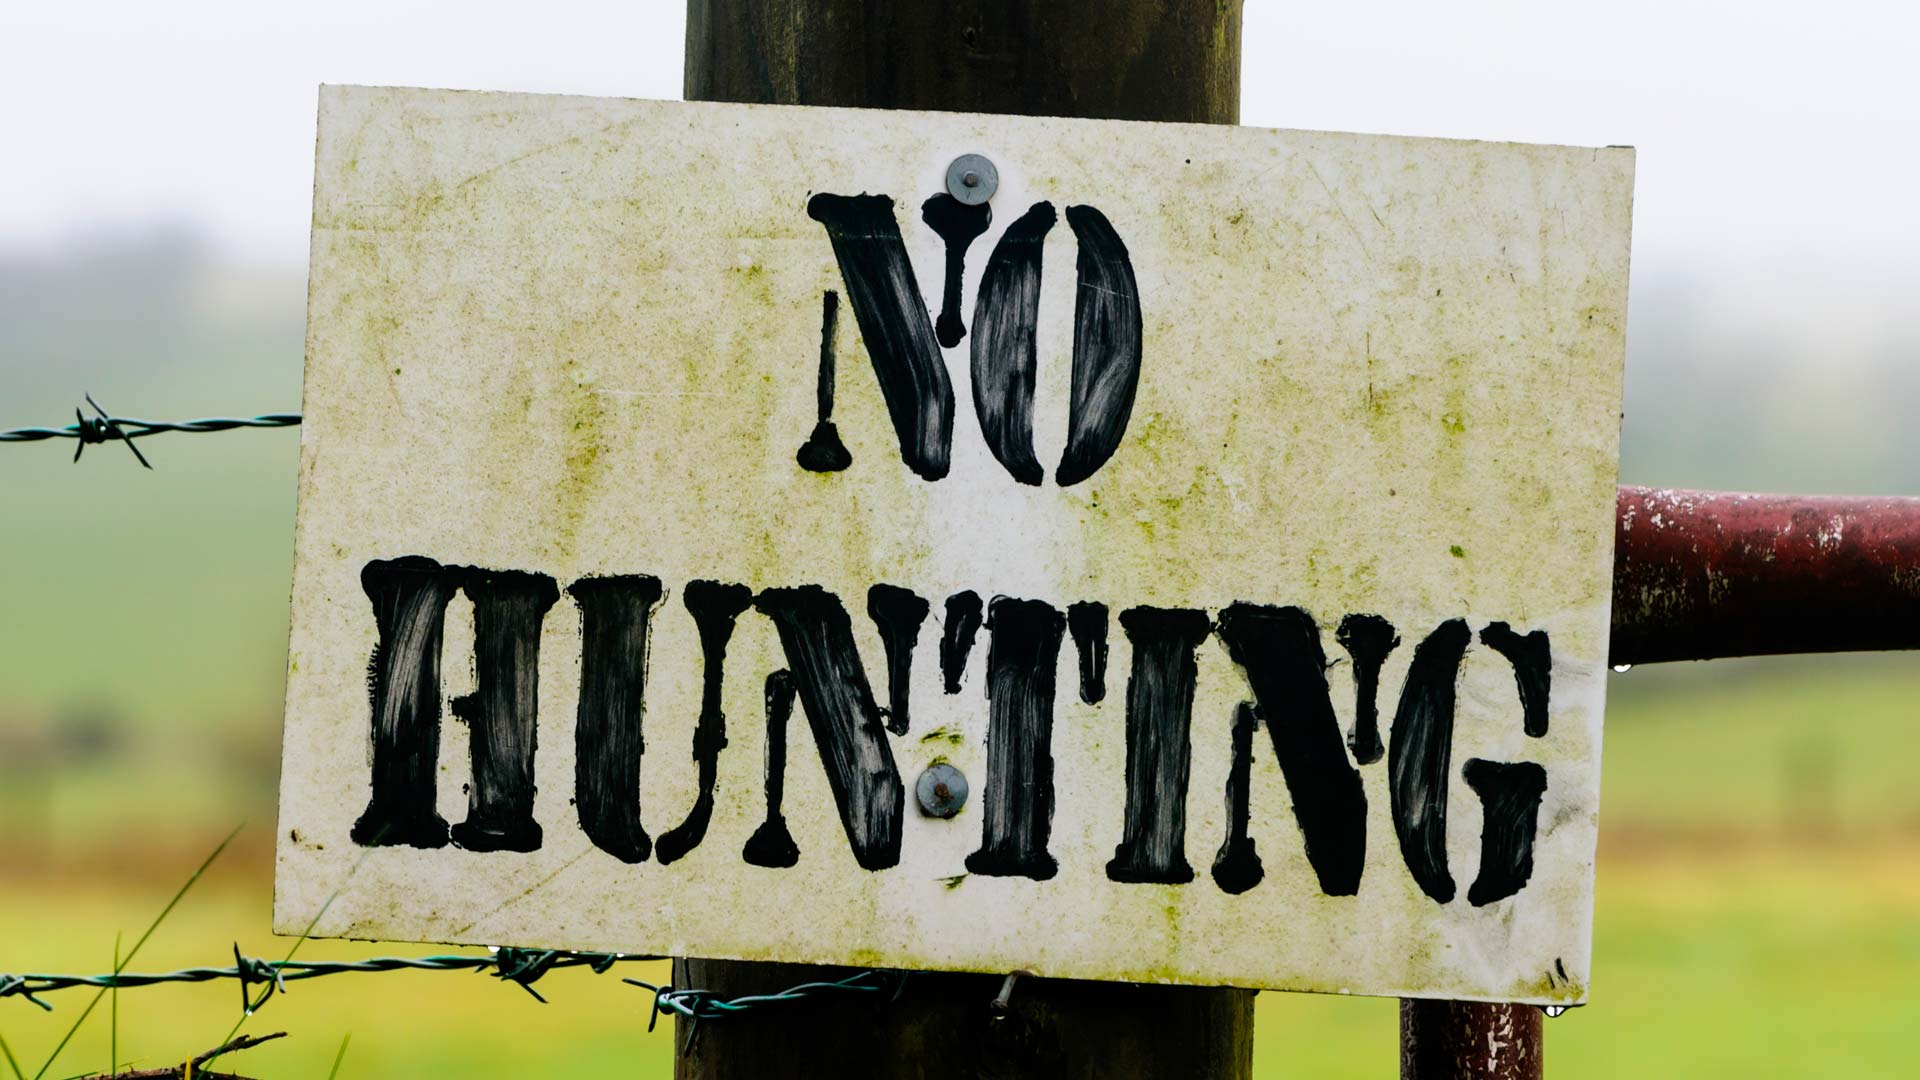 La Nintendo promuove la caccia ad animali in via di estinzione